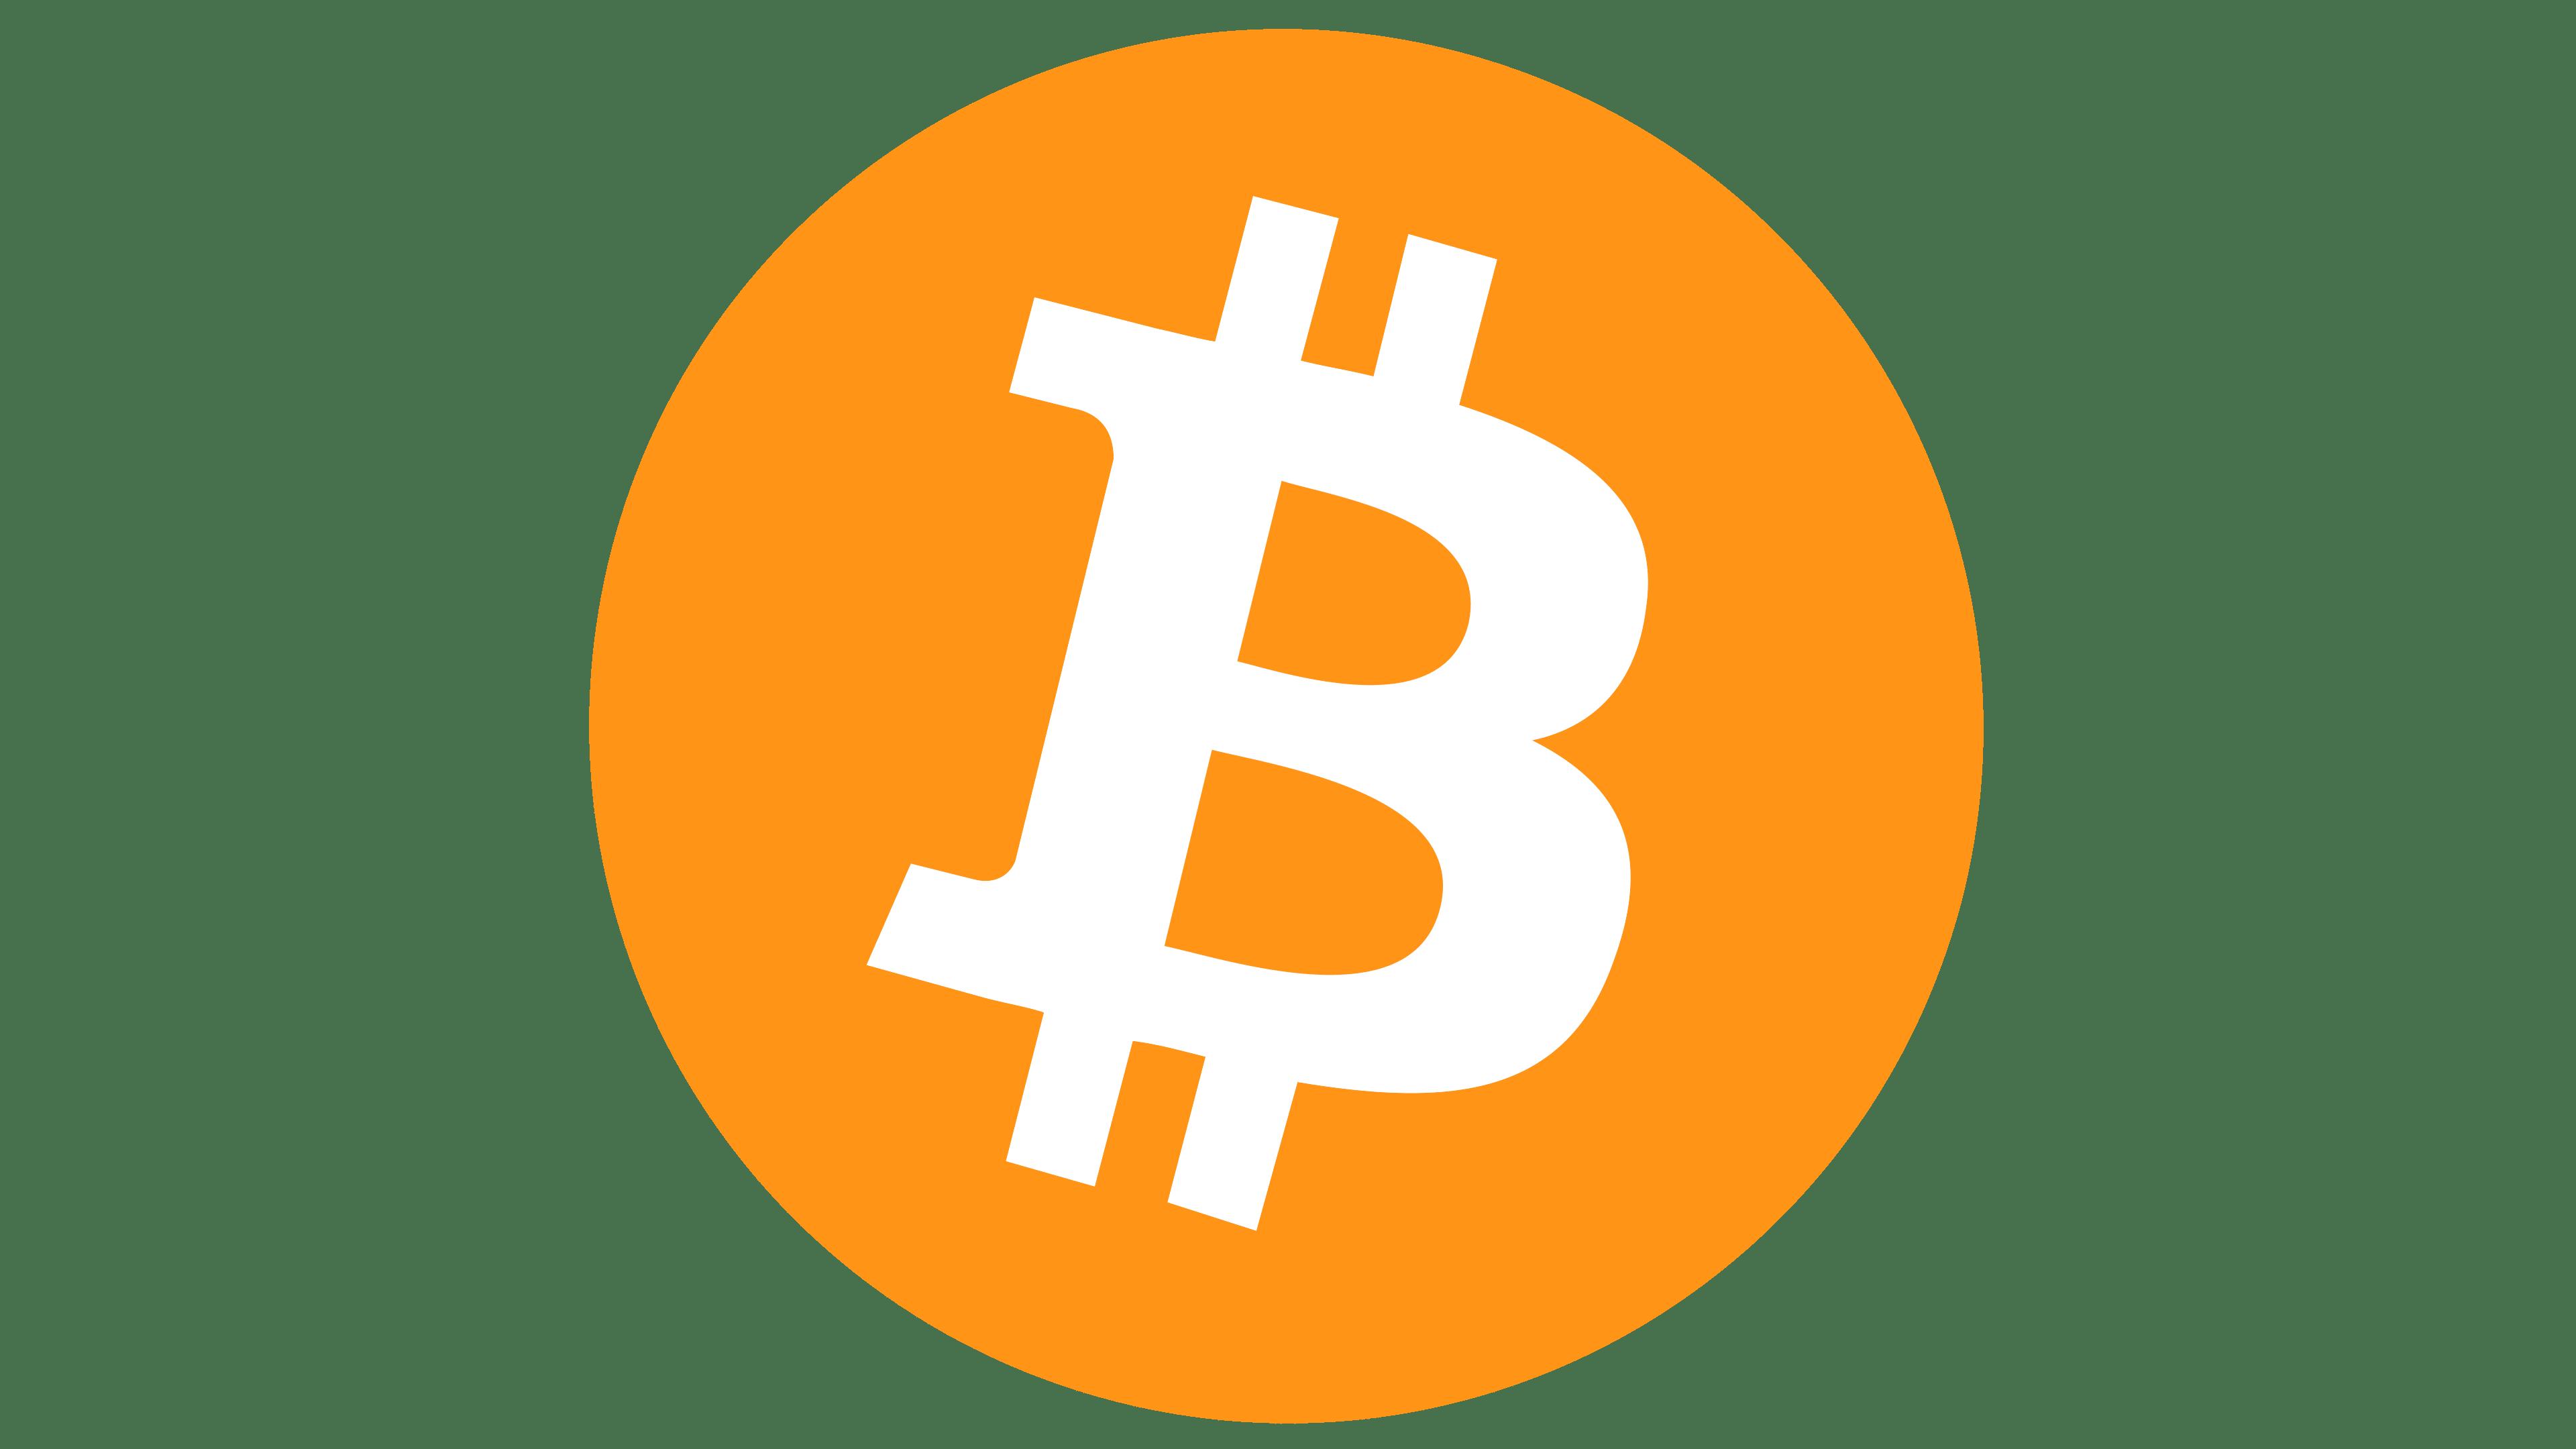 Comprare Bitcoin: Dove e Come | Guida aggiornata Settembre